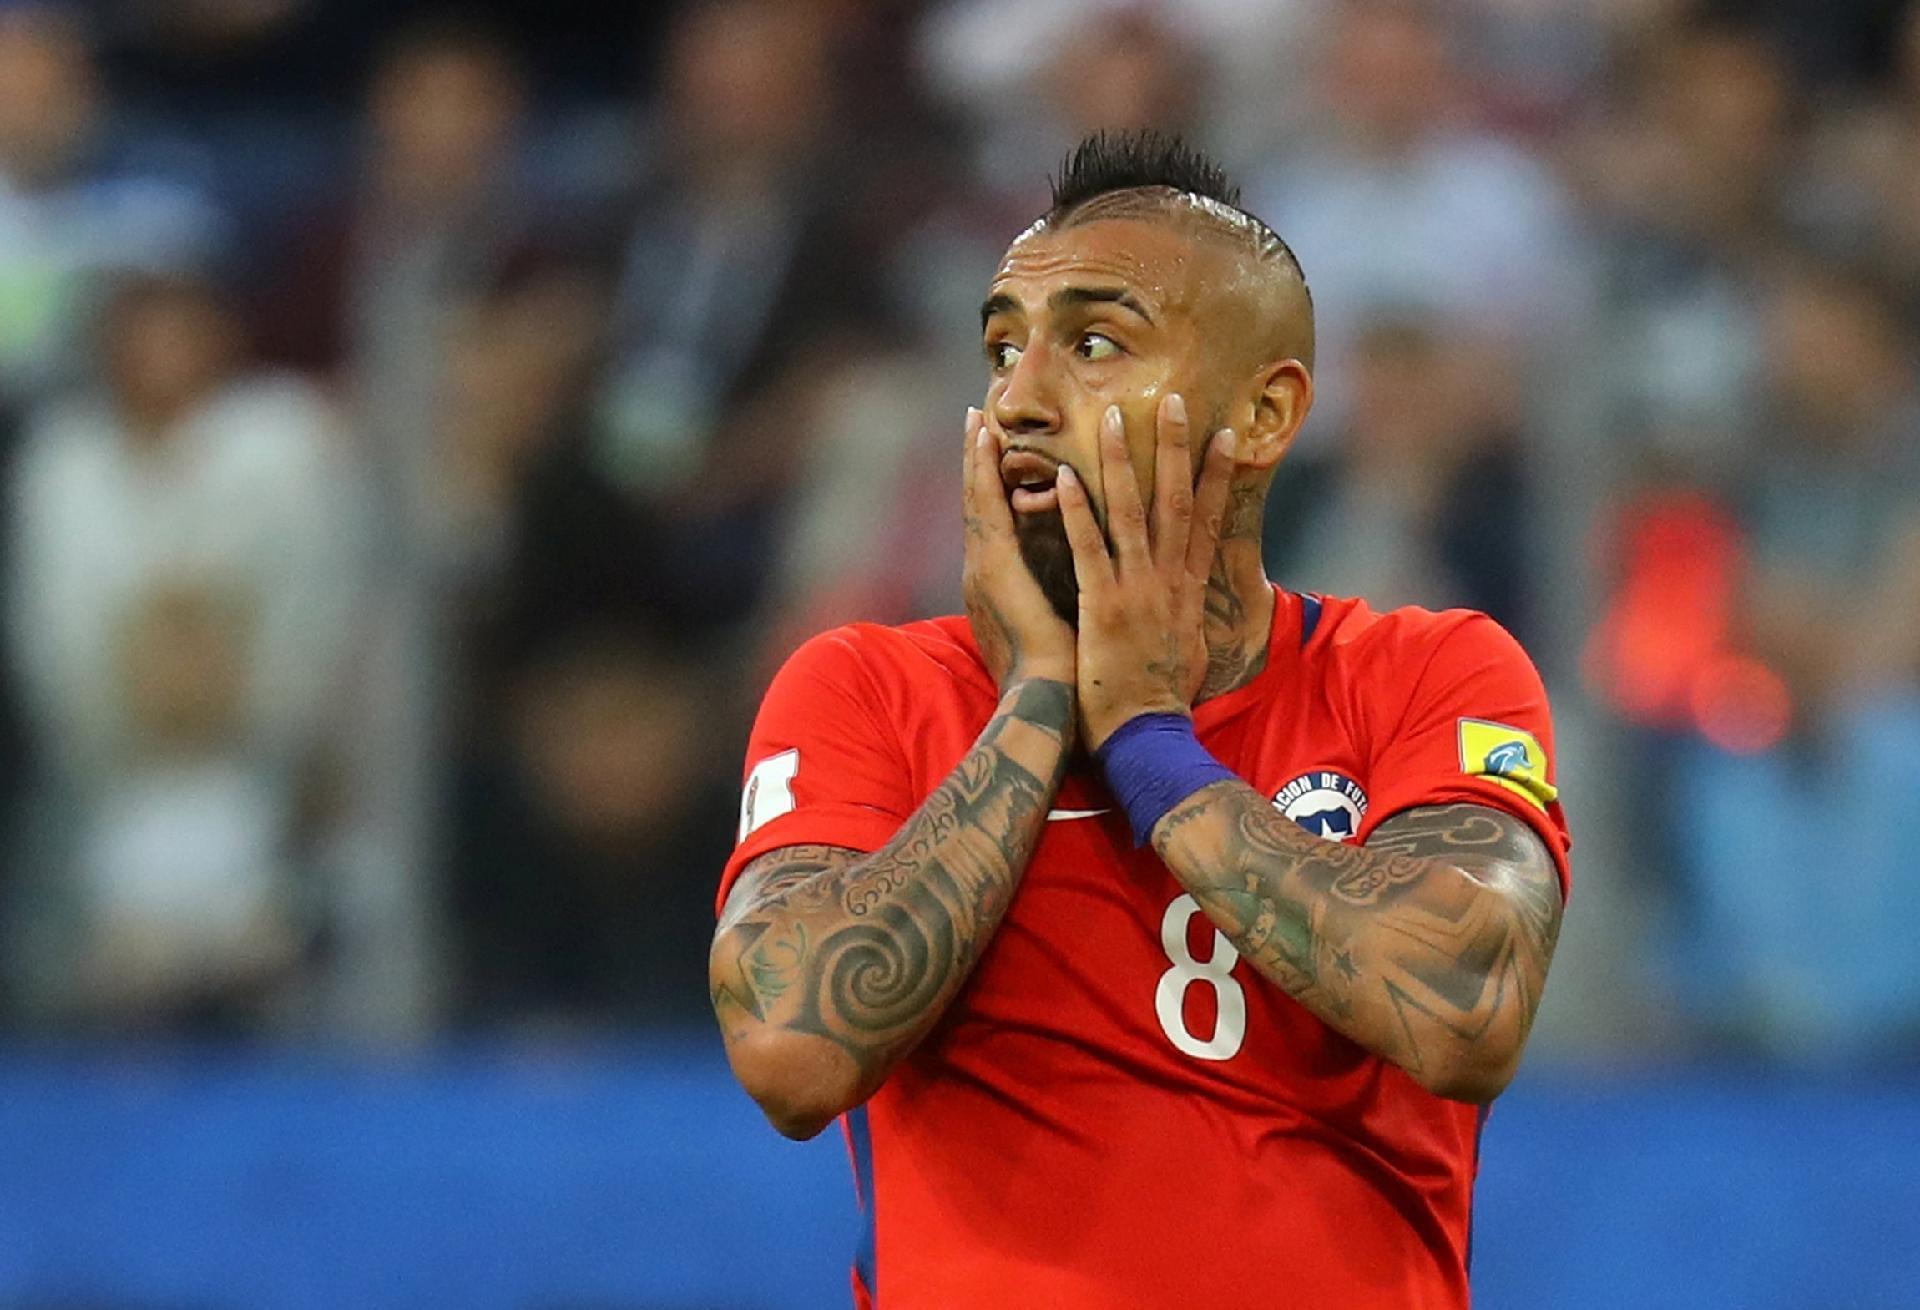 cf3082735a Vidal anuncia que deixará seleção do Chile após a Copa de 2018 - 06 09 2017  - UOL Esporte